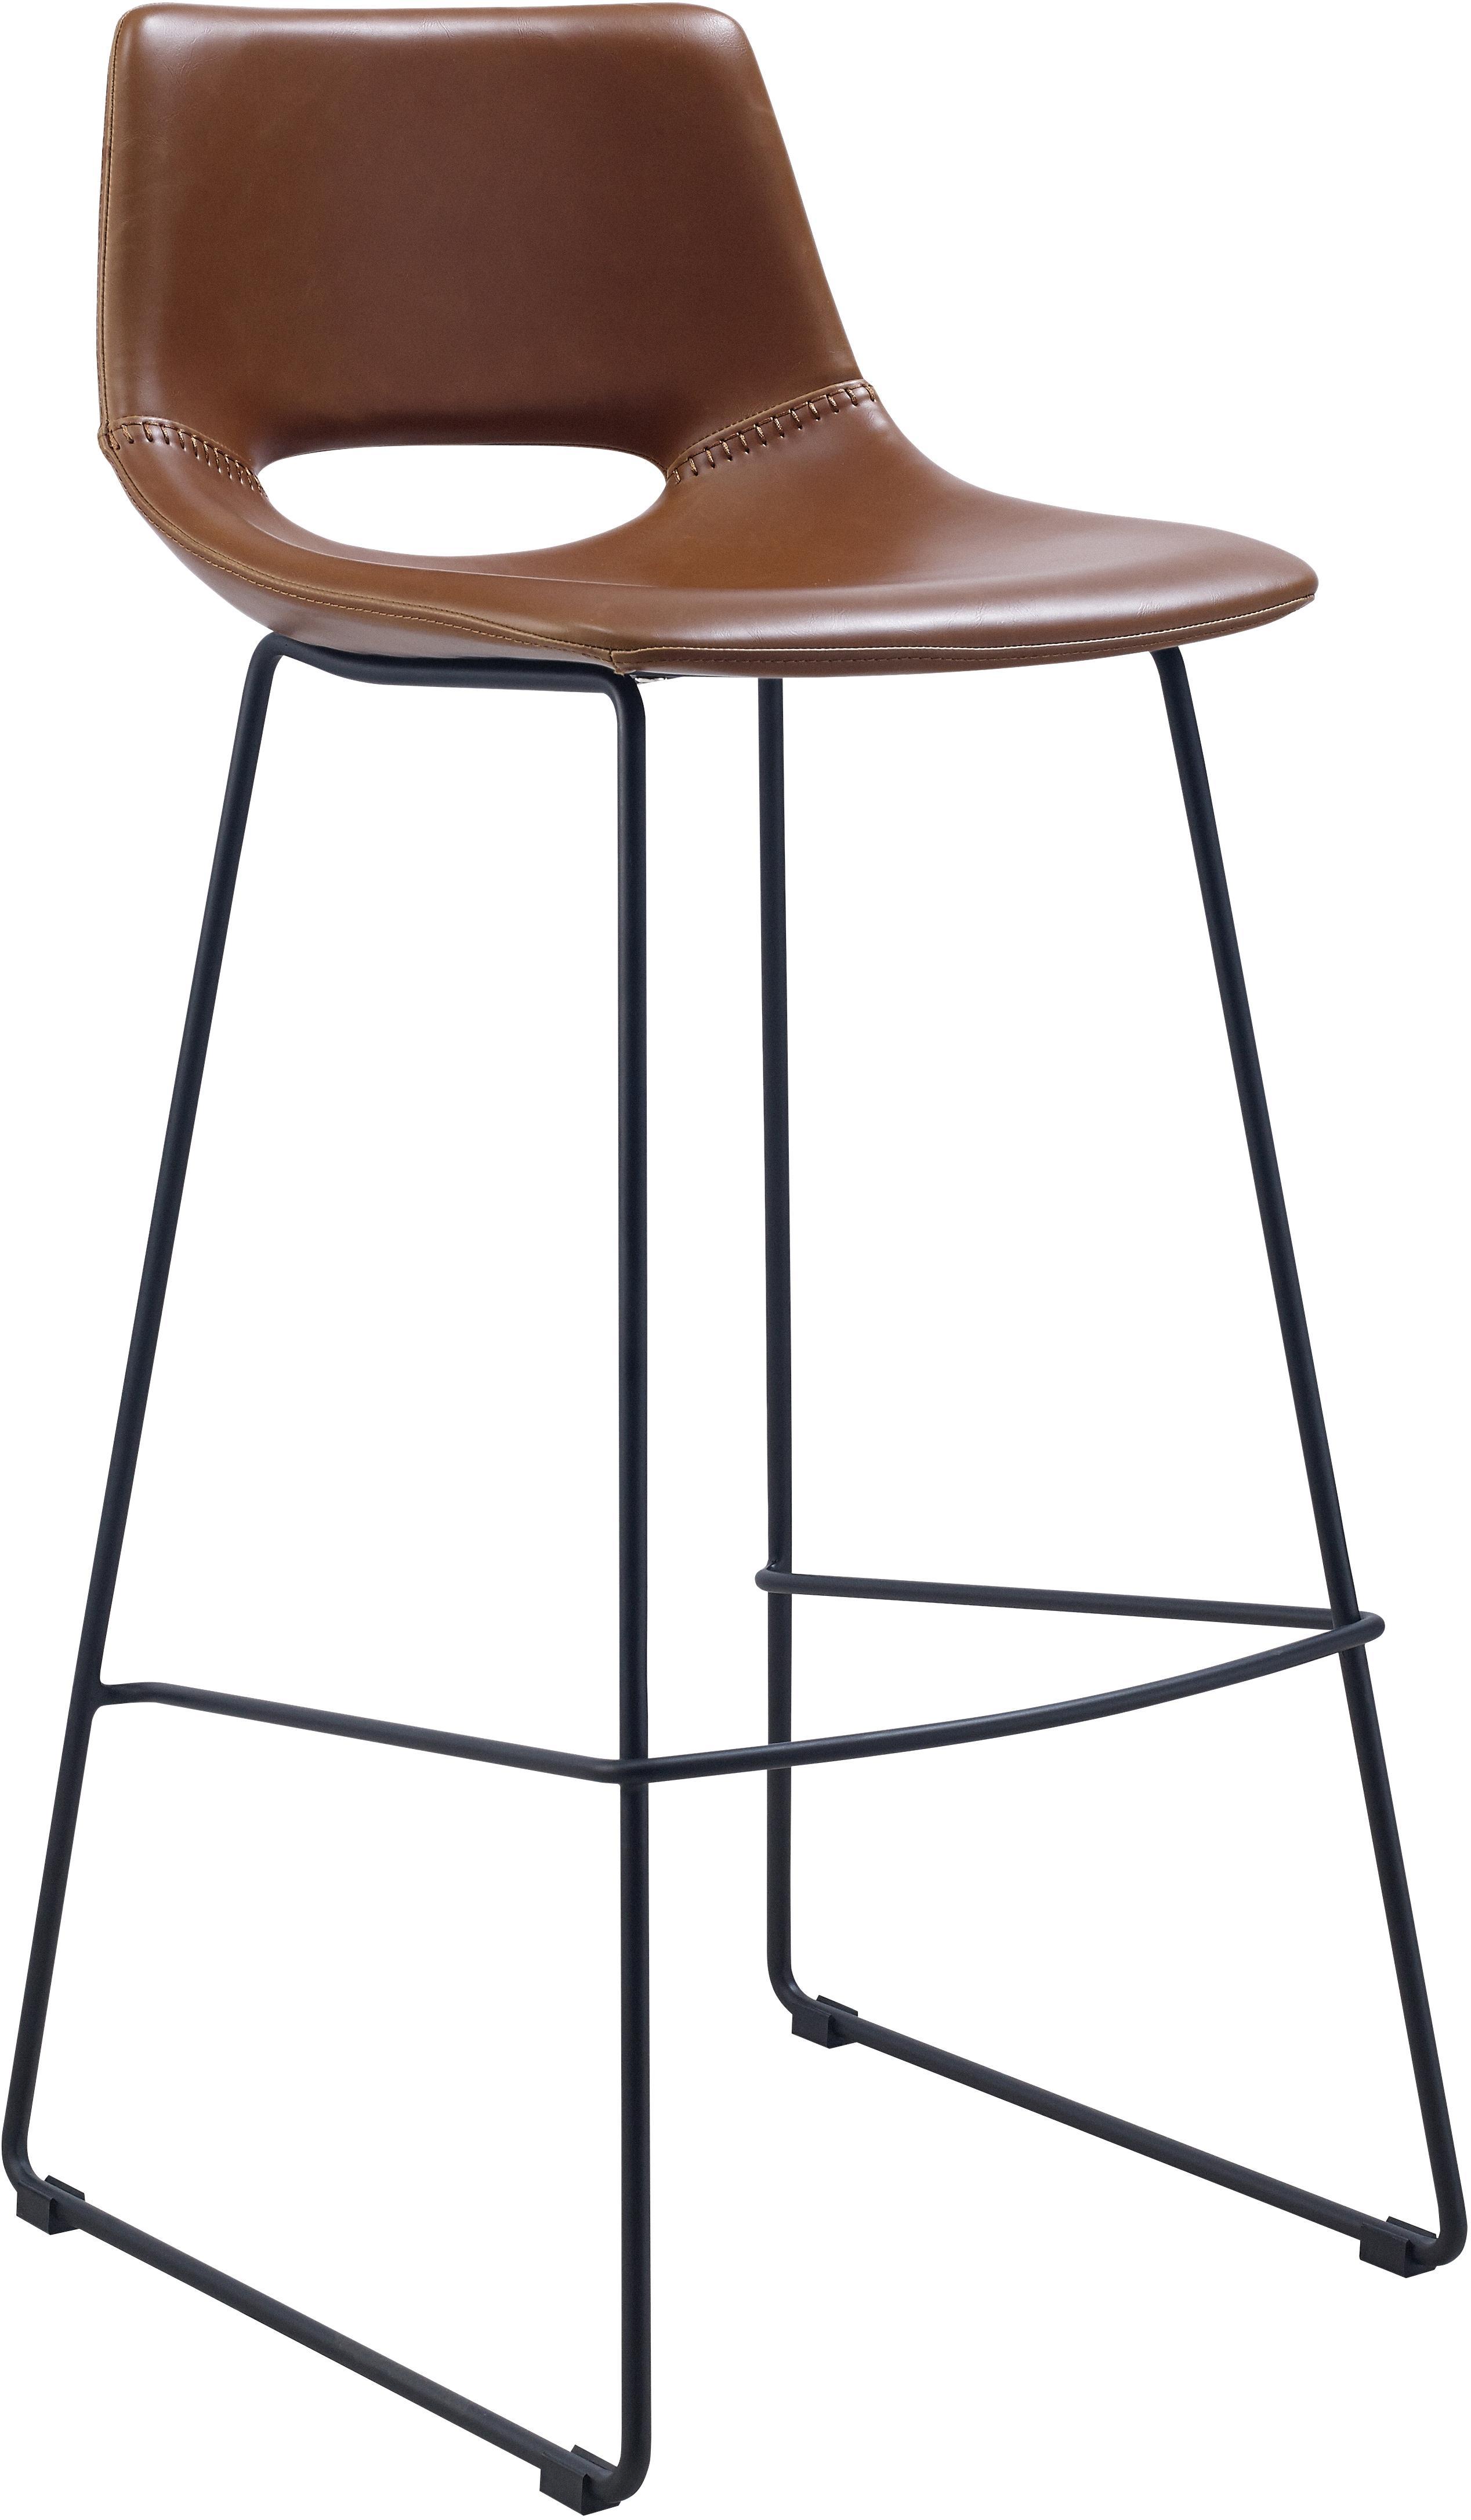 Krzesło barowe ze sztucznej skóry  Zahara, 2 sztuki, Nogi: metal lakierowany, Brązowy, S 47 x W 98 cm